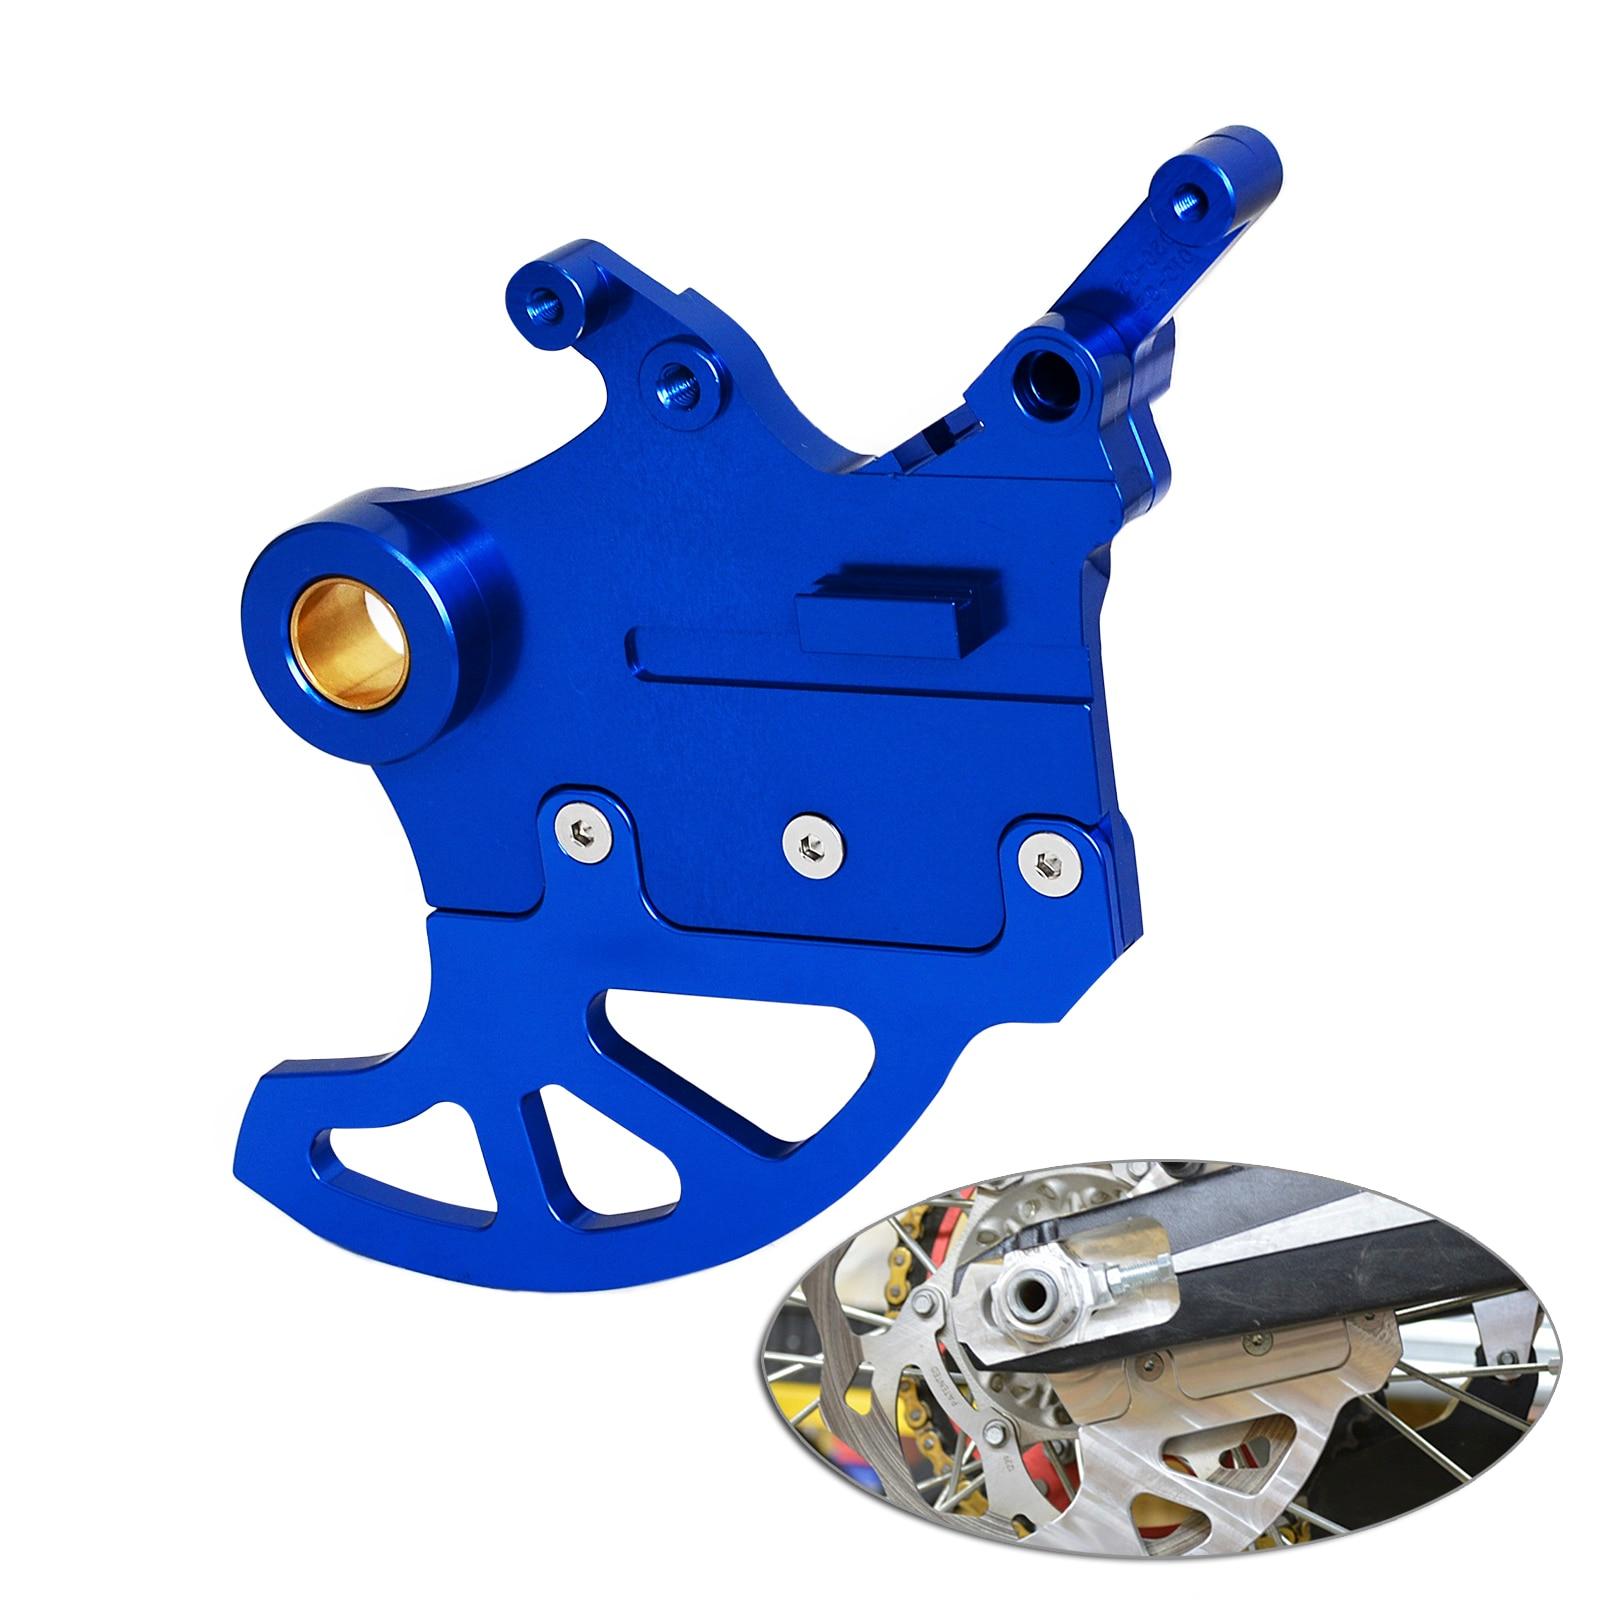 Disque De Frein arrière Protecteur Pour Yamaha YZX250 YZX450 YZFX250 YZFX450 2015 2016 2017 2018 YZX YZFX 250 450 YZ 125 250 Couverture